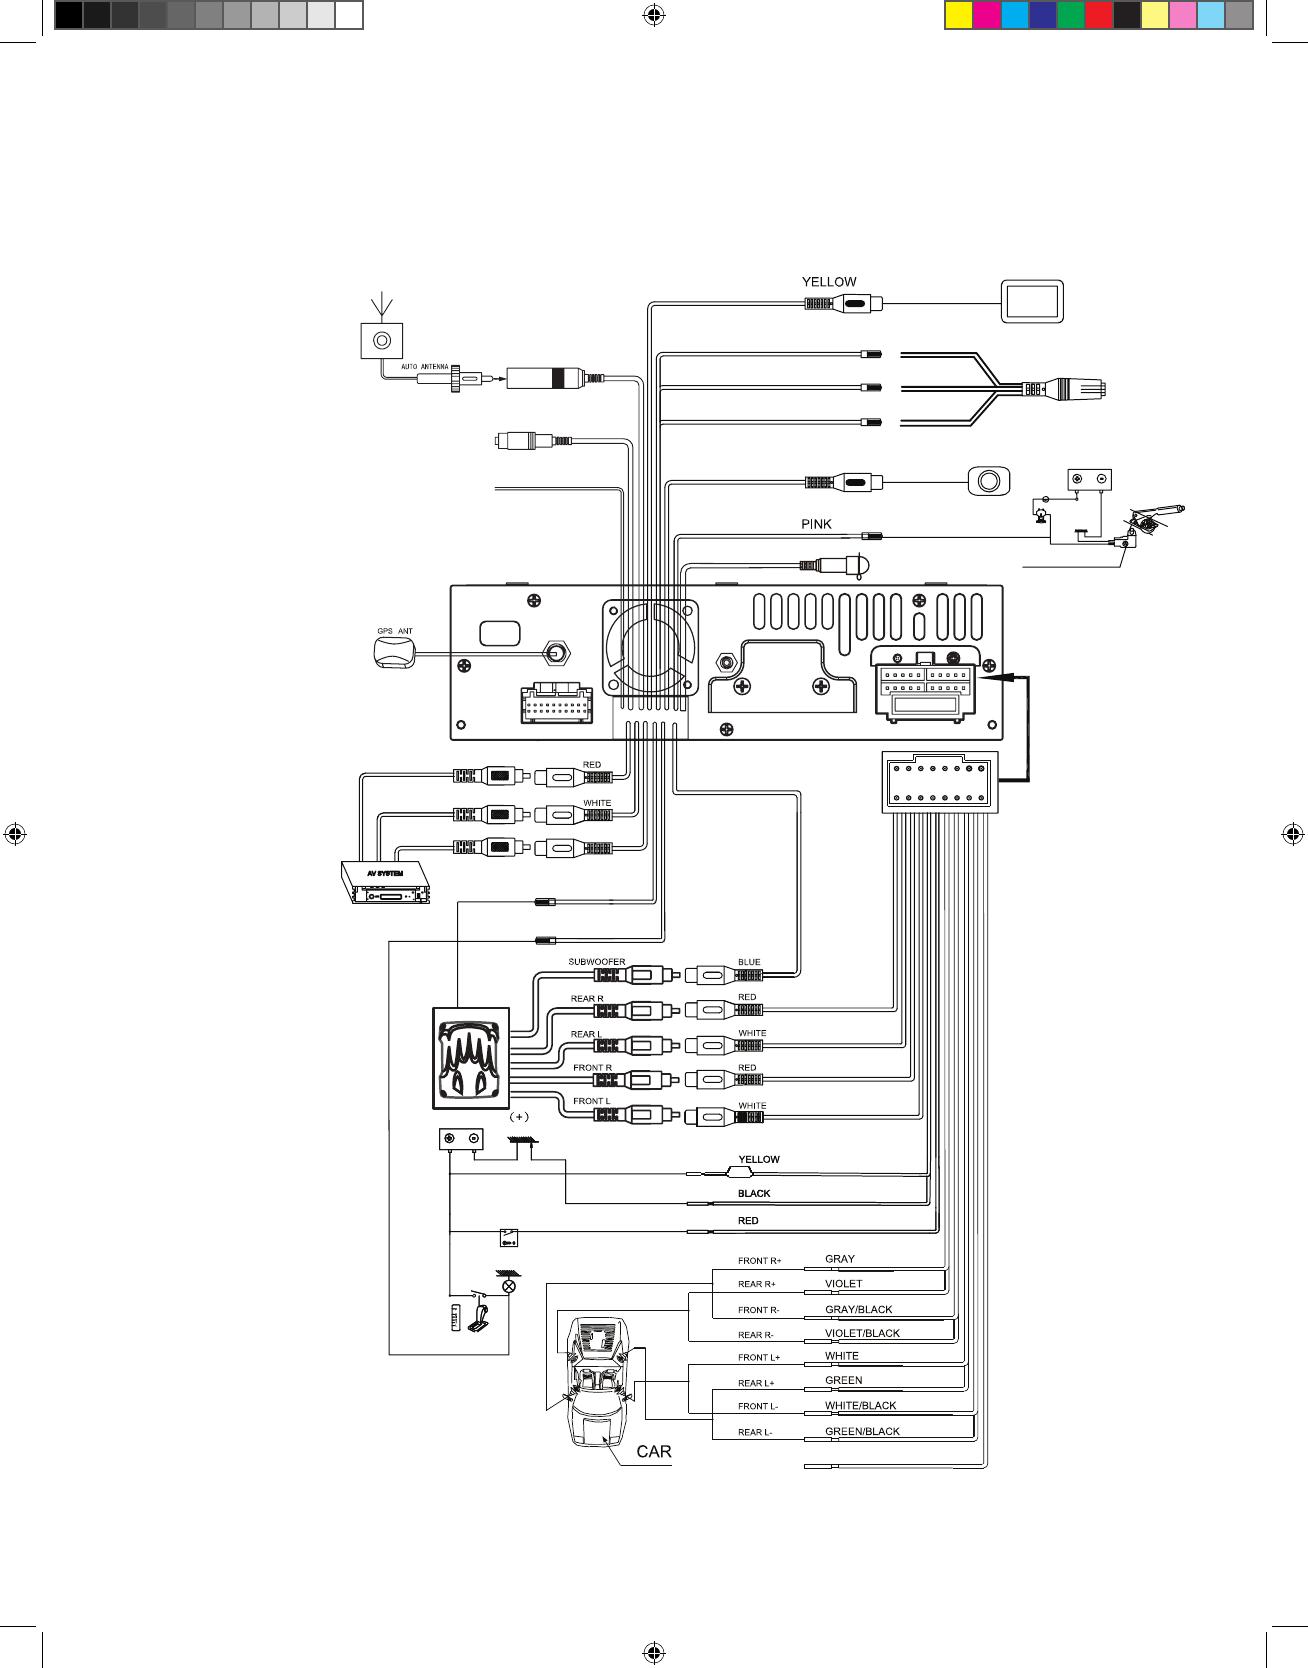 Audiovox Vx7010 Installation Manual